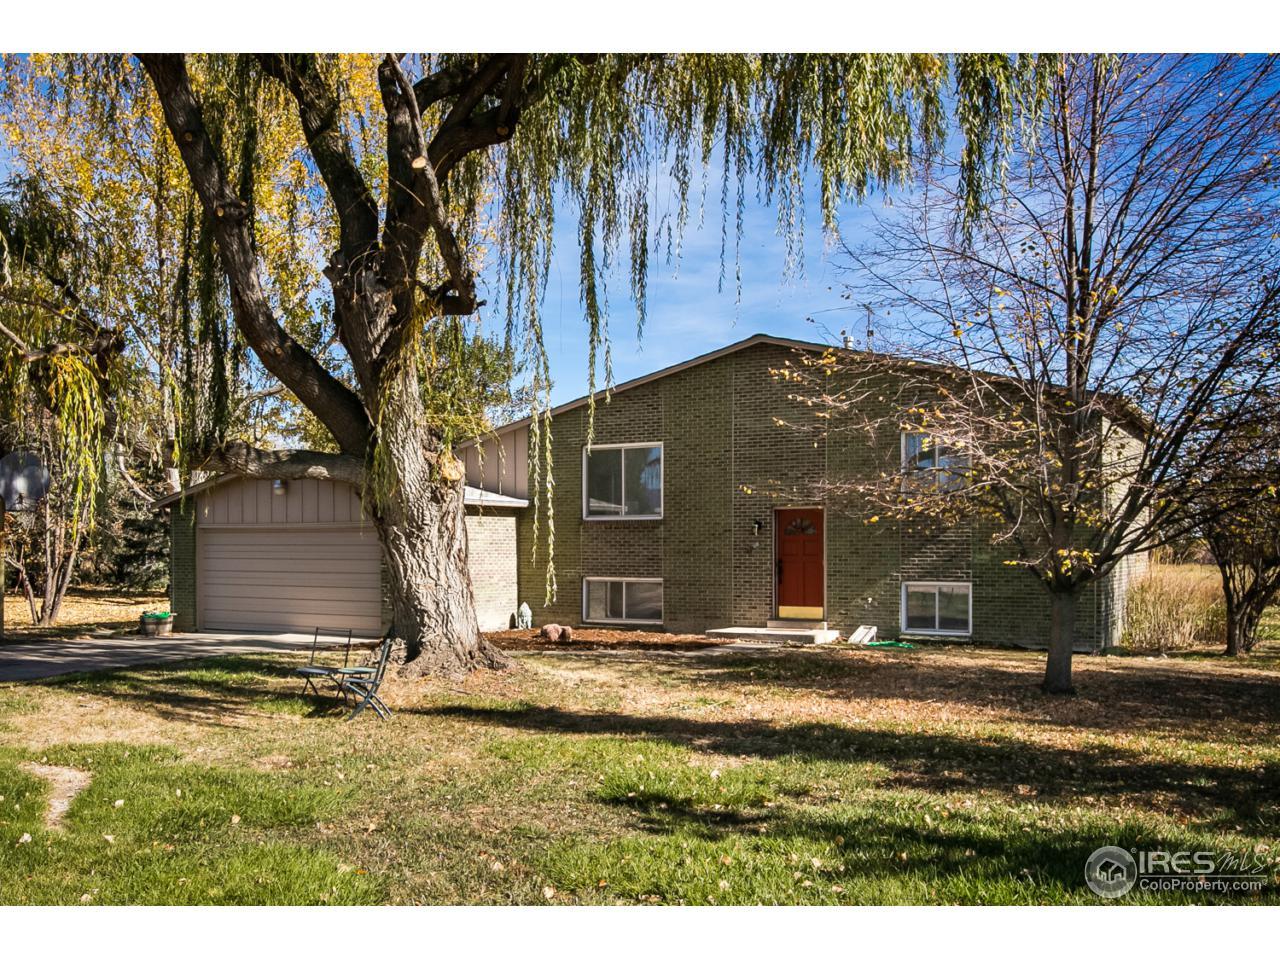 7524 Saint Vrain Rd, Longmont, CO 80503